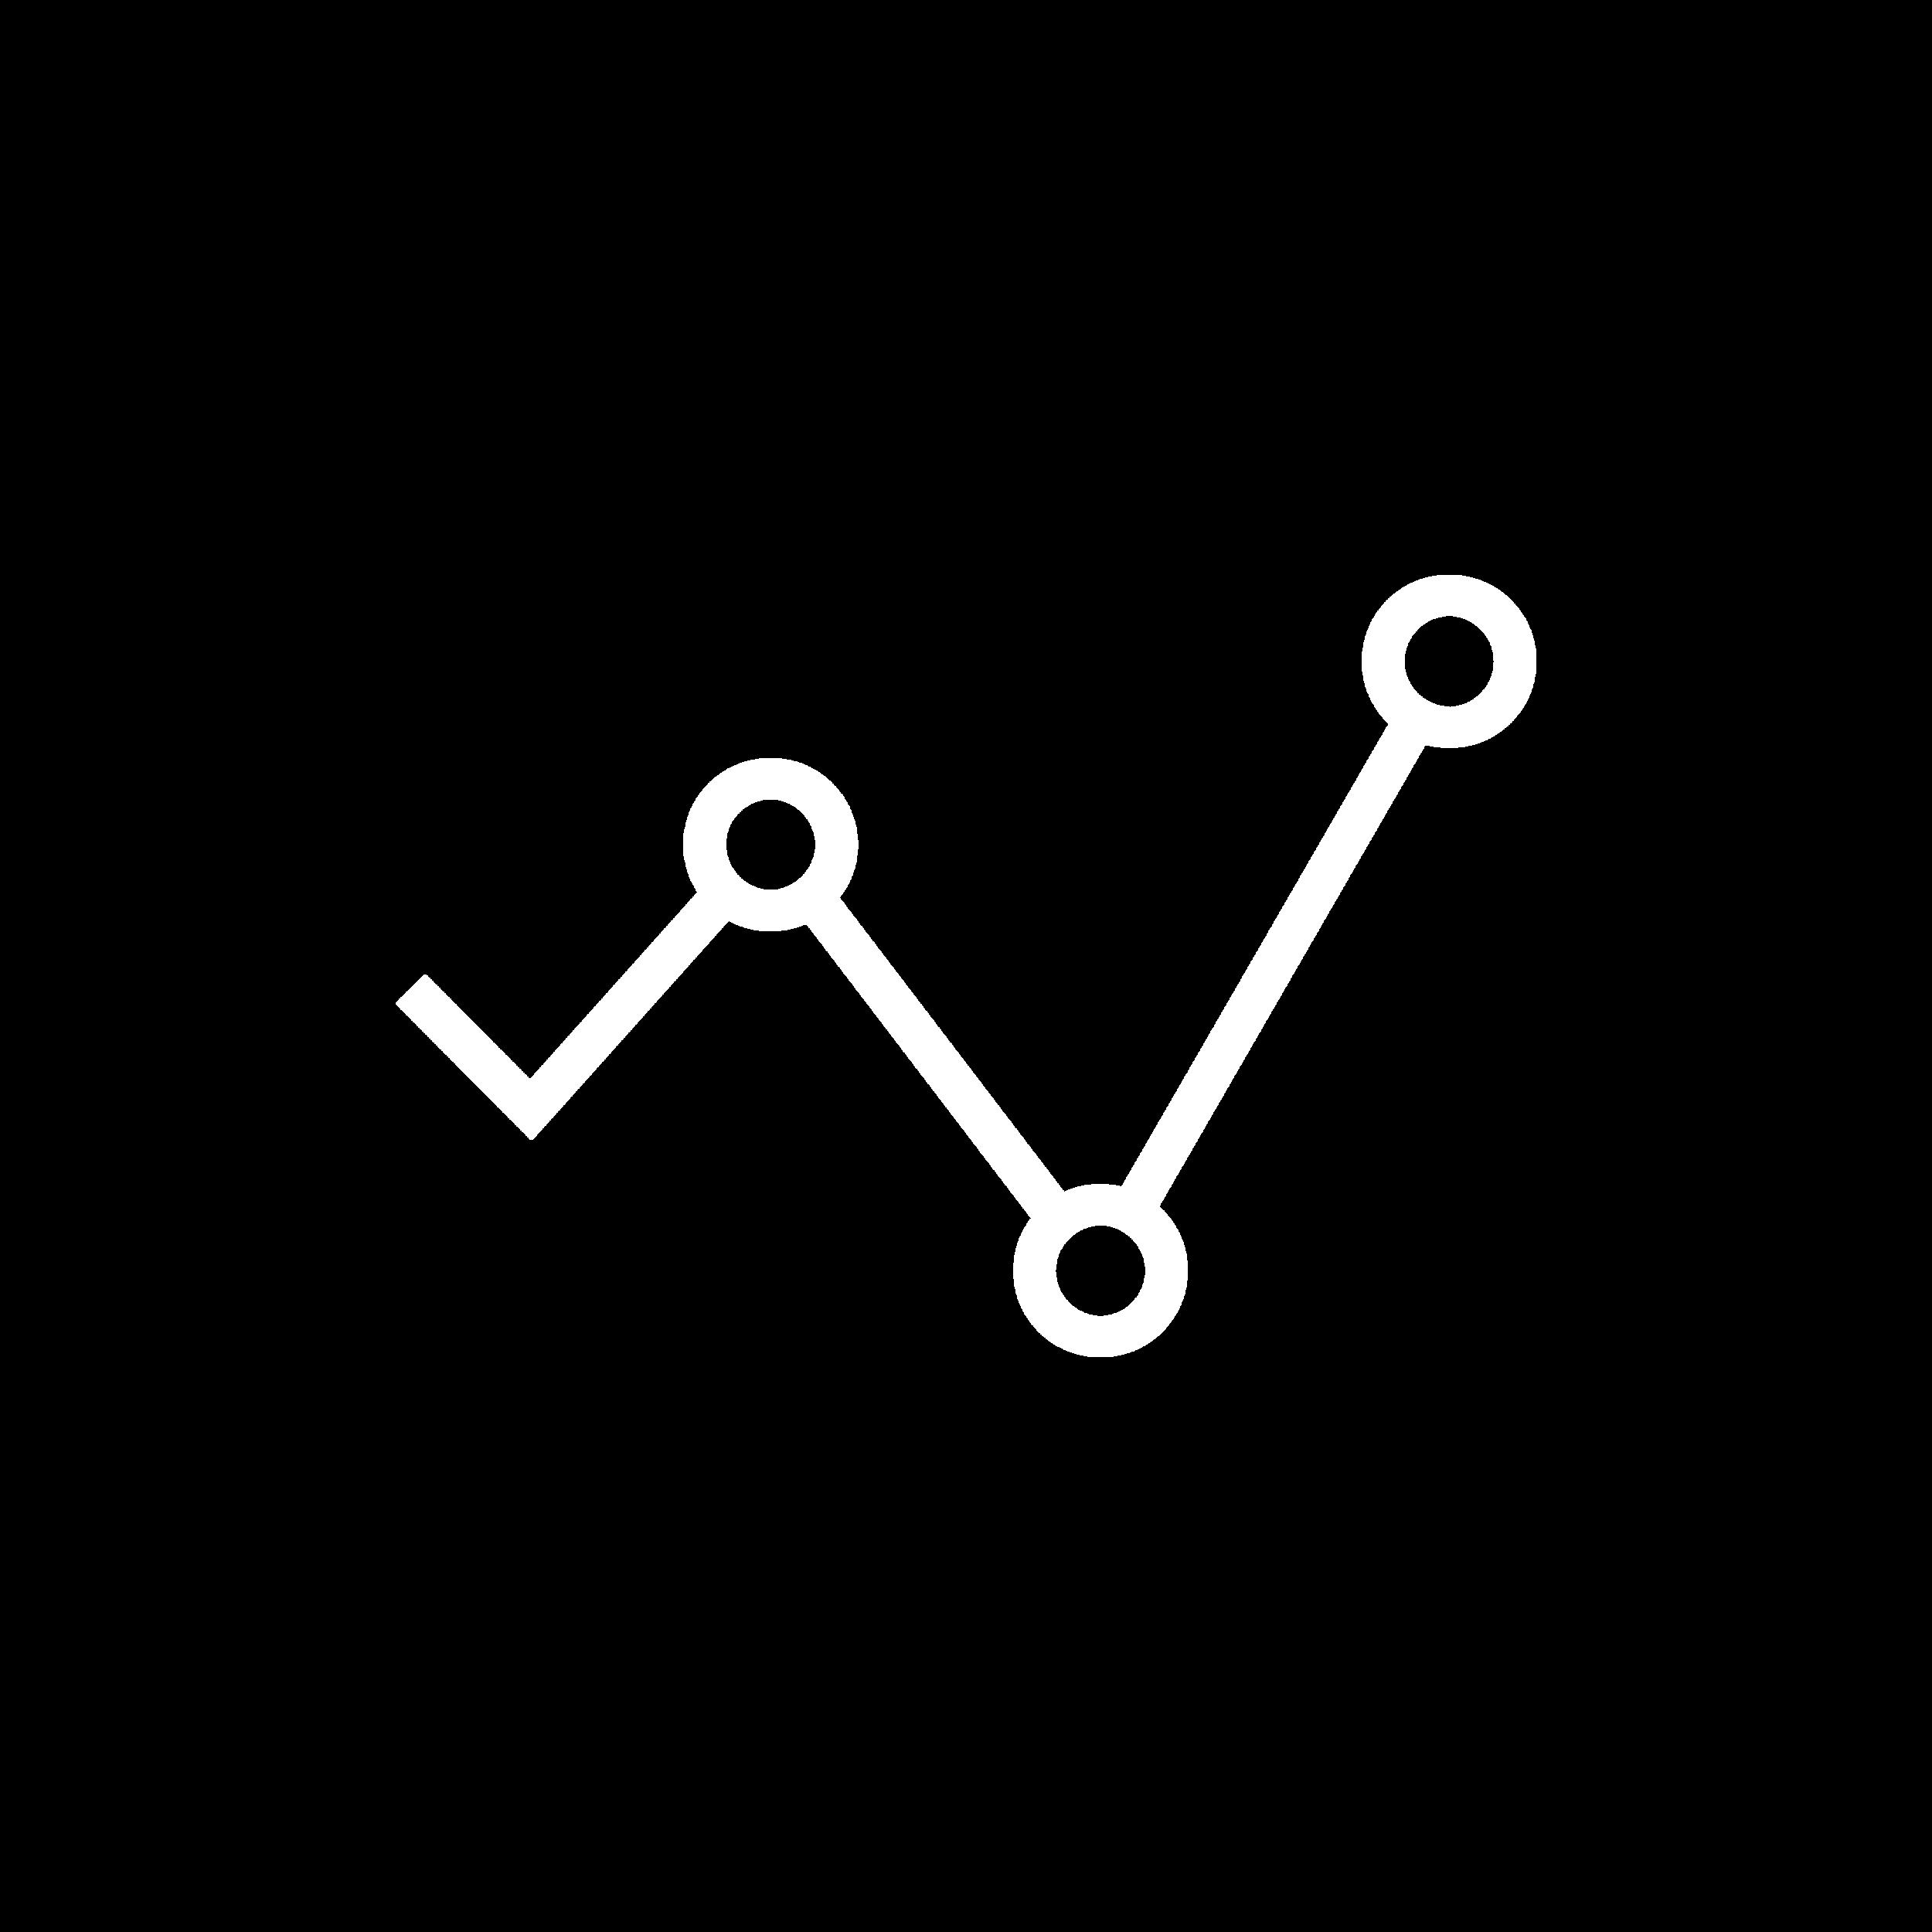 noun_Graph_52789.png